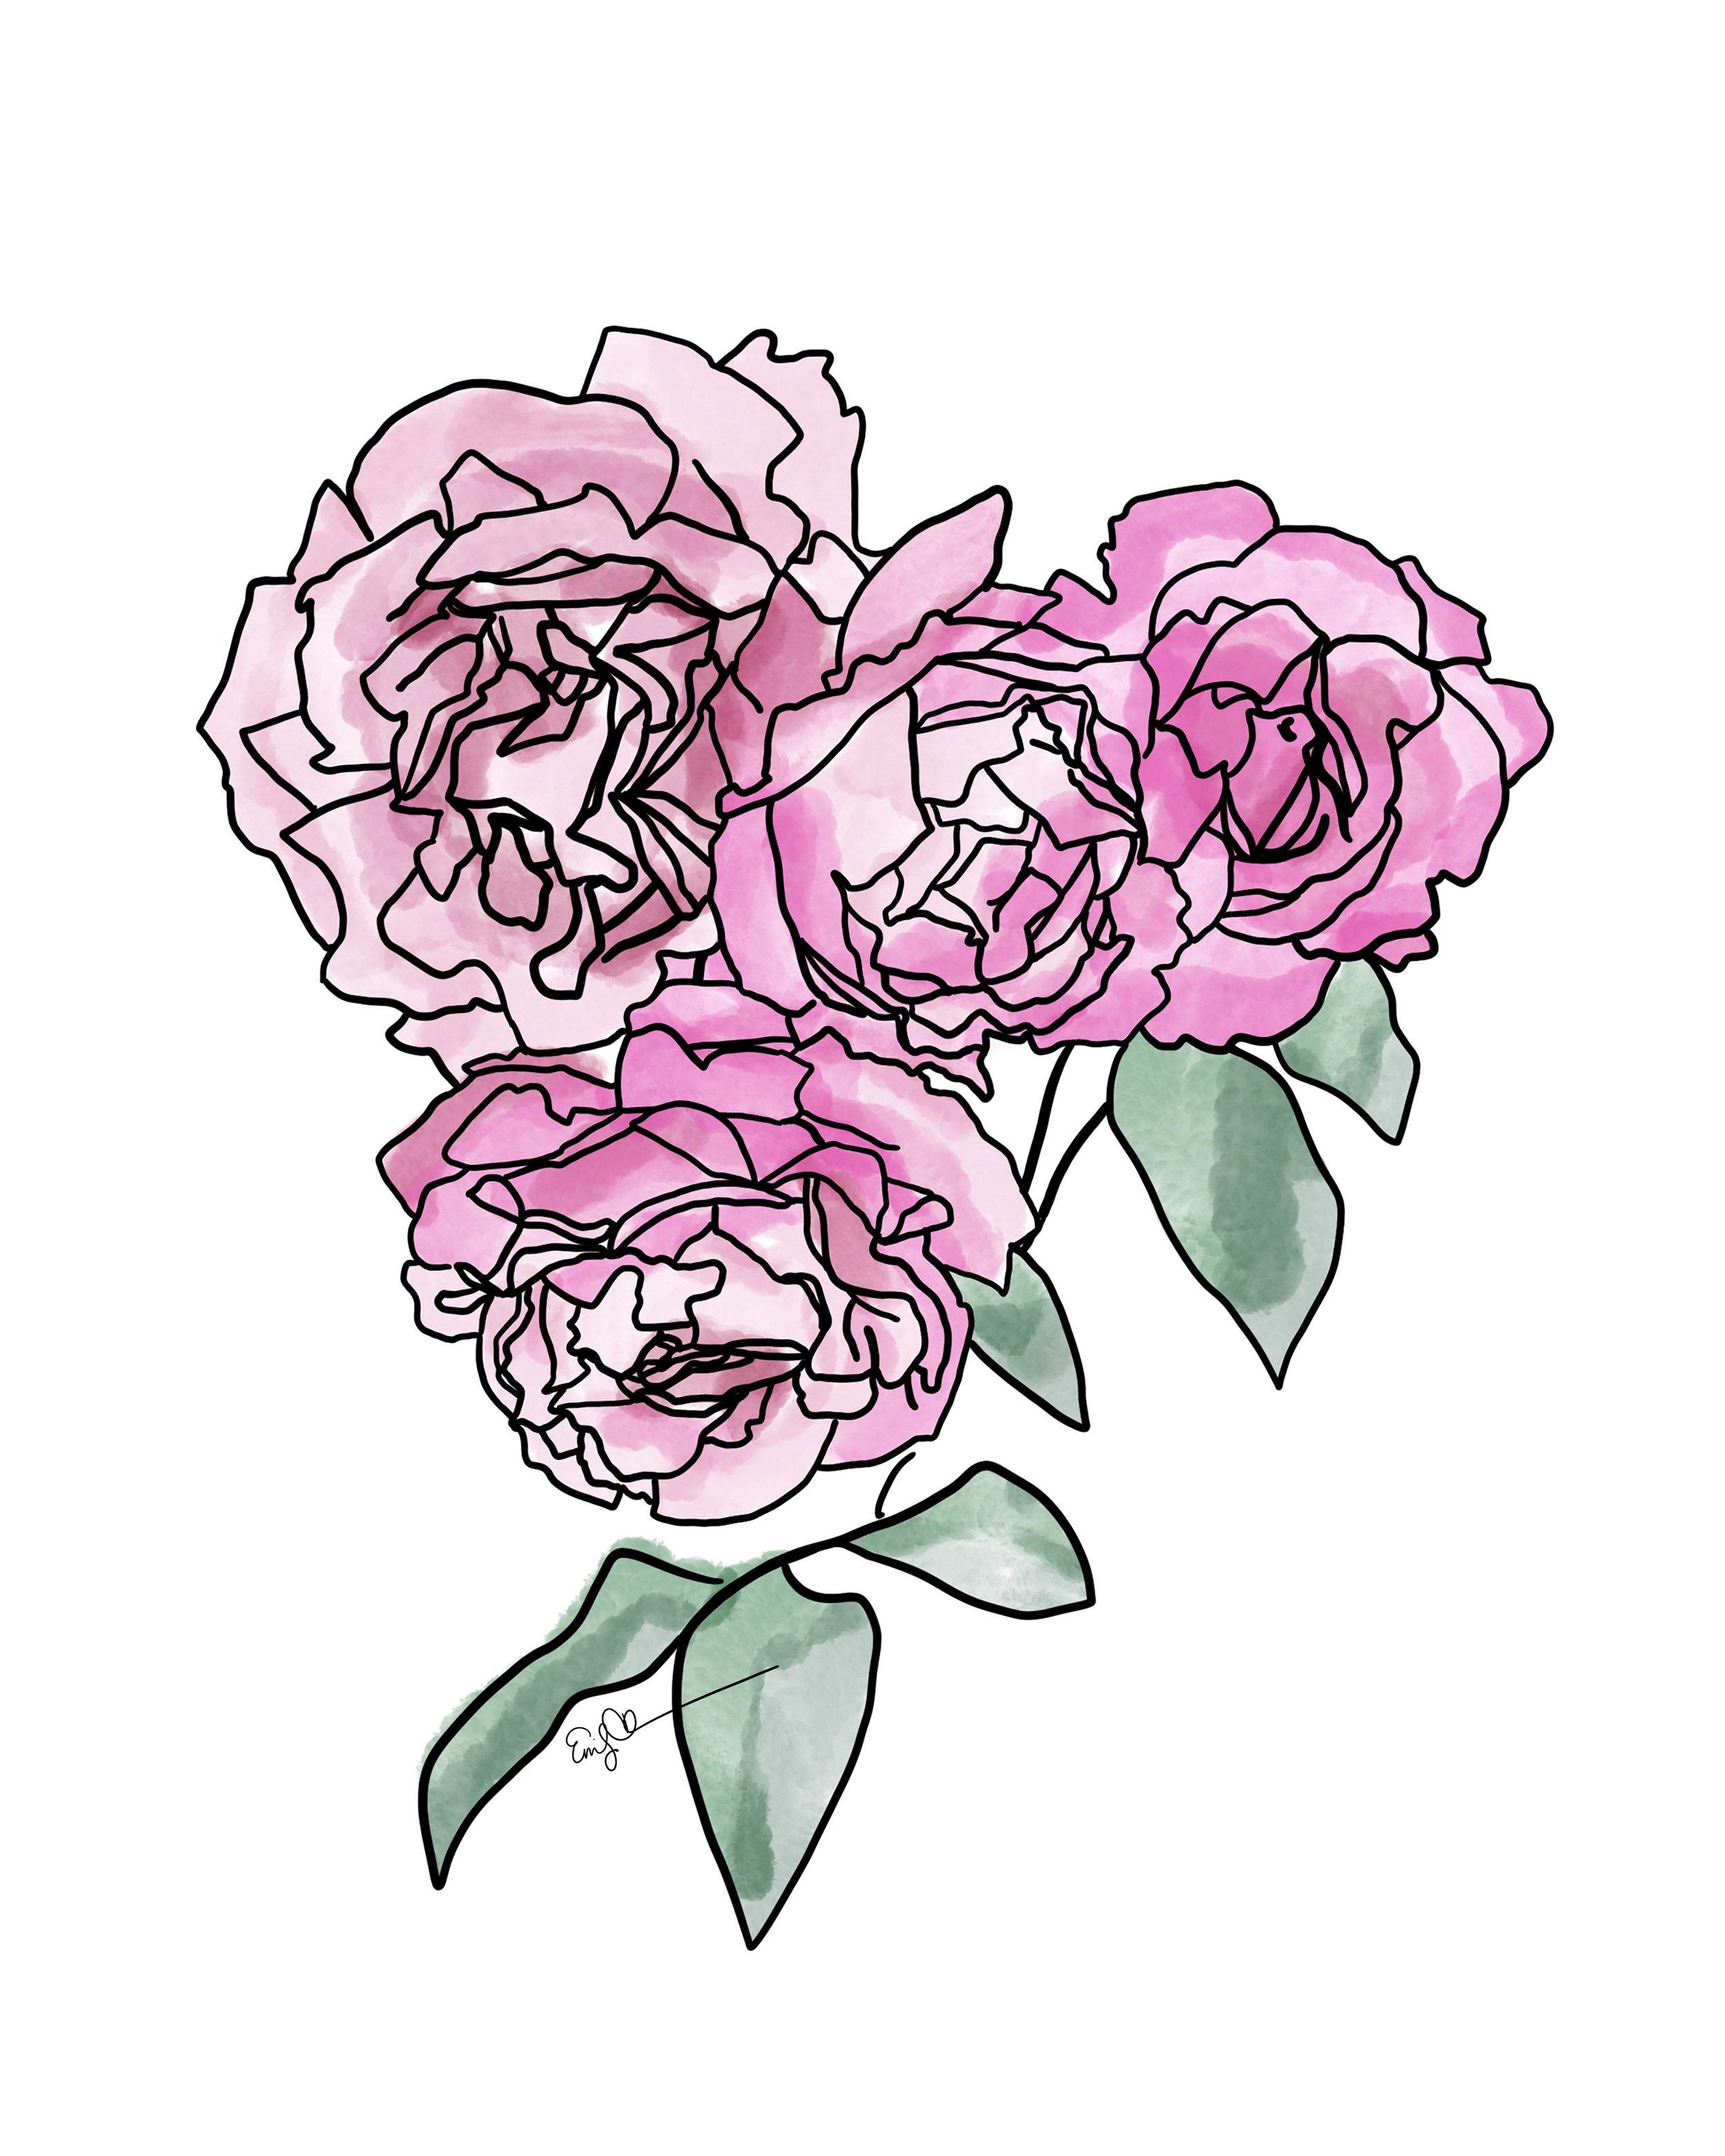 Roses_at_Notre_Dame,_Paris.jpg